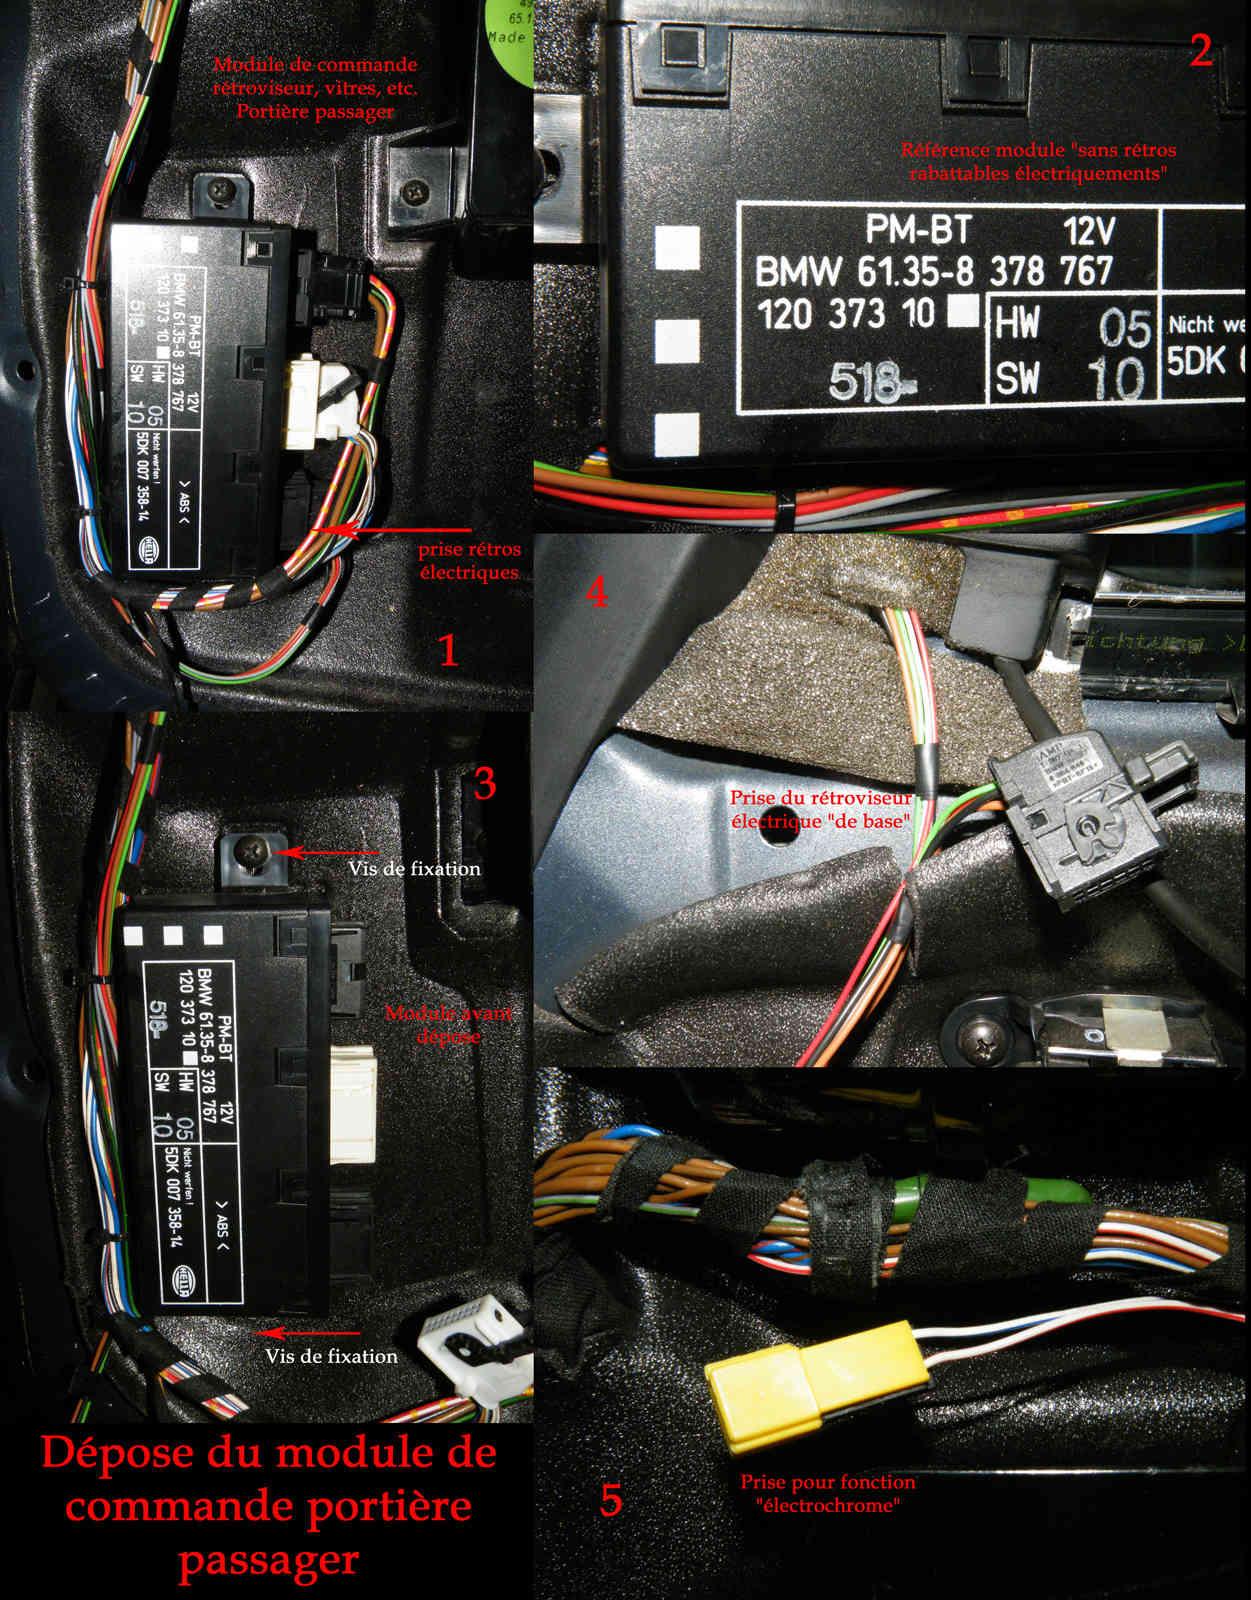 [Tutoriel] Rétrofit montage rétros rabattables électriquement Rr06p10